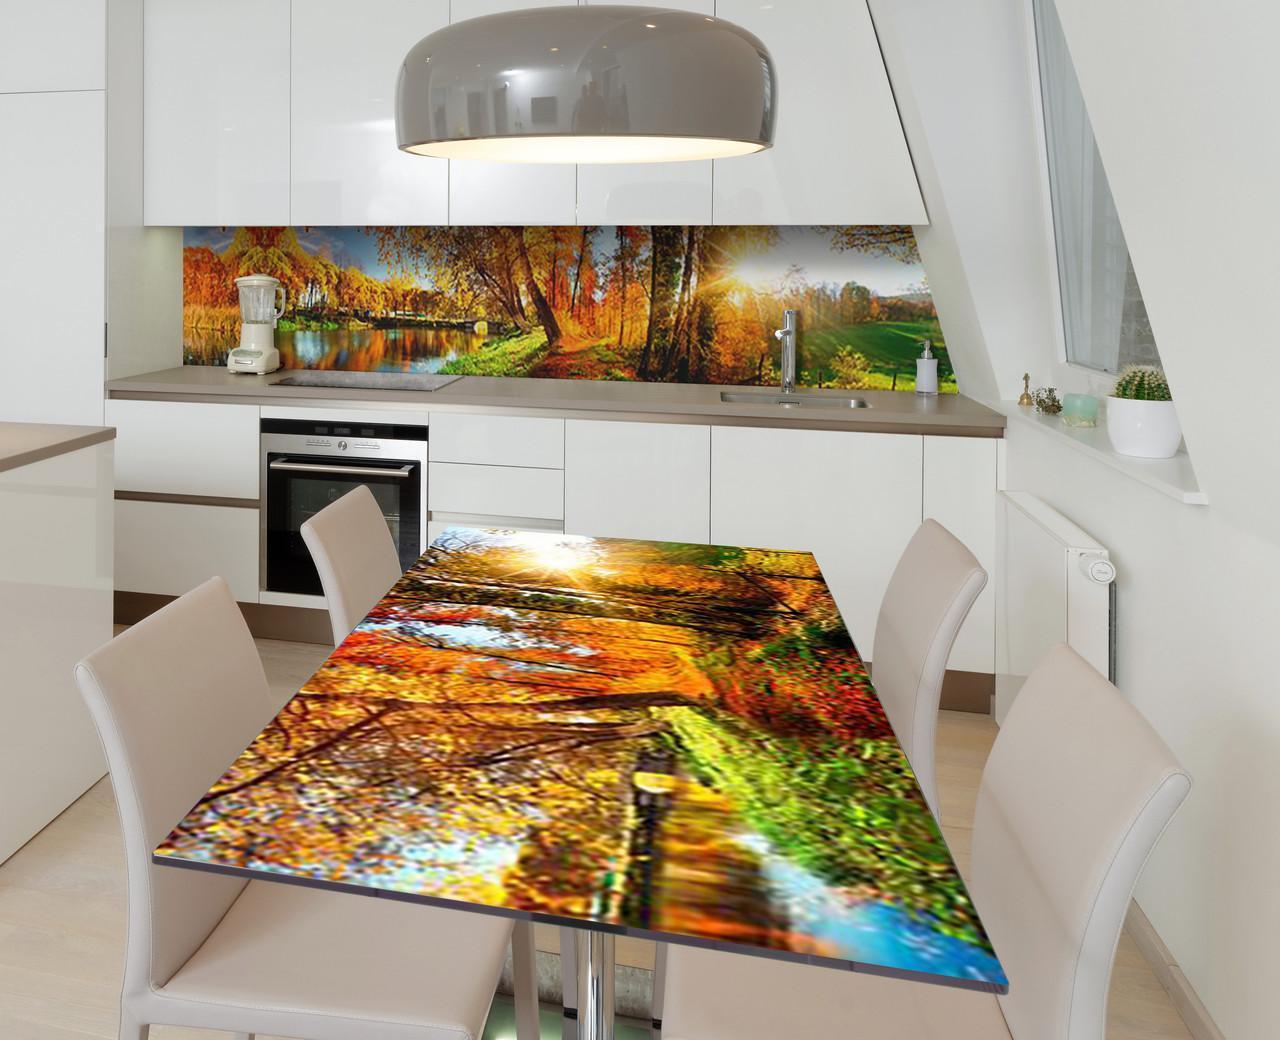 Наклейка 3Д виниловая на стол Zatarga «Слепящие лучи» 650х1200 мм для домов, квартир, столов, кофейн, кафе